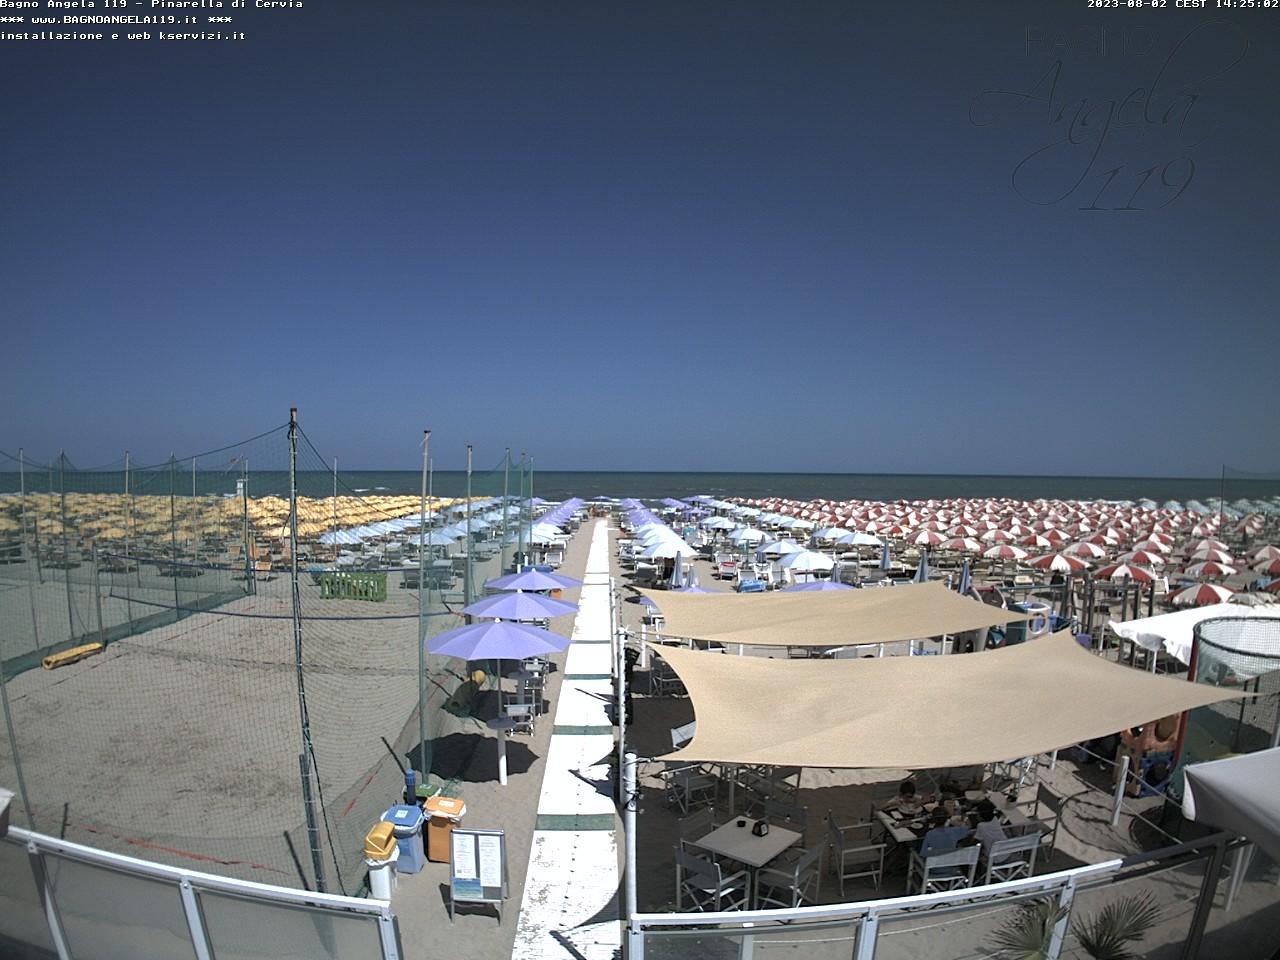 Webcam pinarella di cervia spiaggia bagno angela - Bagno andrea pinarella di cervia ...